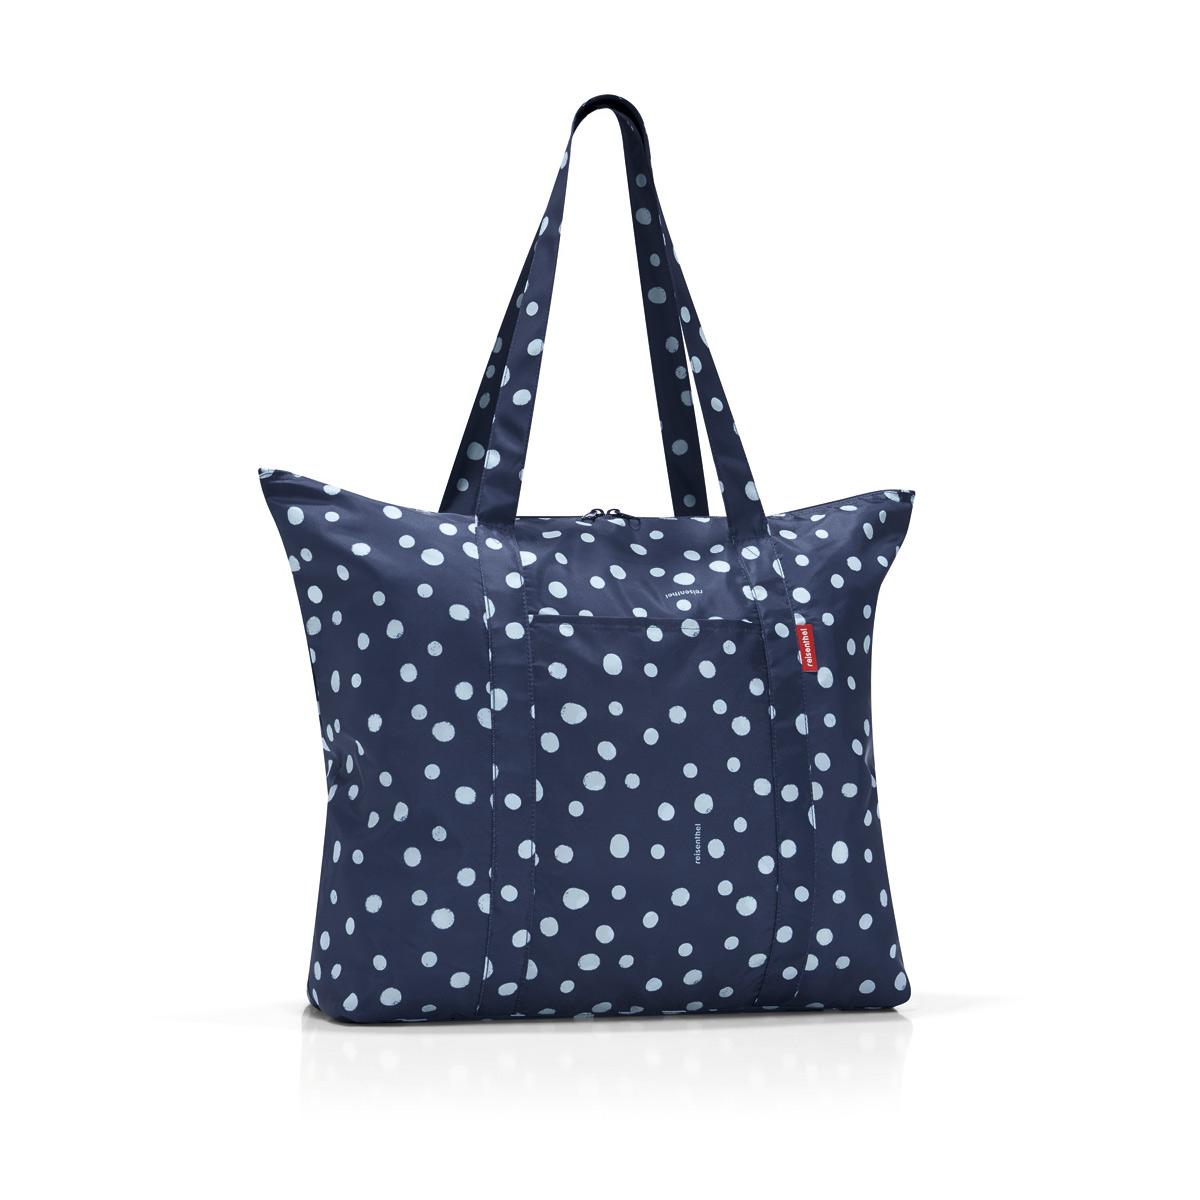 Сумка складная женская Reisenthel Mini maxi travelshopper spots navy, цвет: синий. AE4044AE4044Идеальный компаньон для путешествий, ведь из поездки мы всегда возвращаемся со множеством сувениров и покупок. Так что еще одна сумка пригодится. Она легко складывается в маленький чехол, которые можно взять с собой в сумке или рюкзаке. Так же можно использовать для похода за продуктами. Внутренний объем сумки - 25 литров. Есть просторный внешний карман для мелочей.